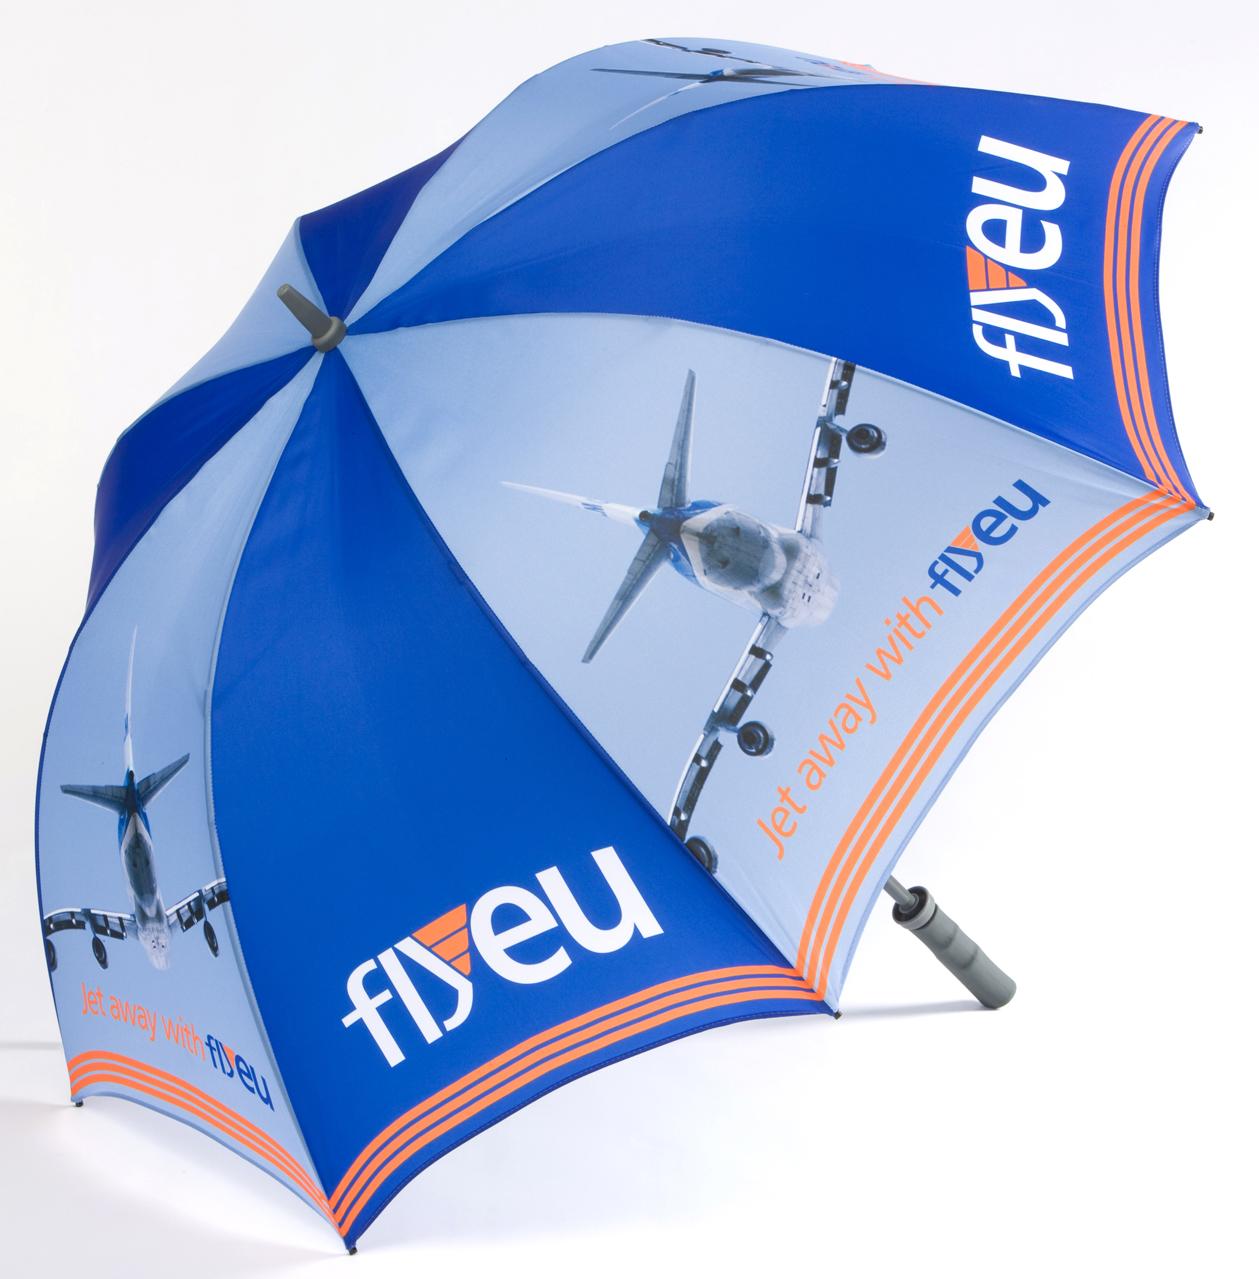 Профессиональная печать логотипов на зонтах – подробности на сайте deksgroup.com